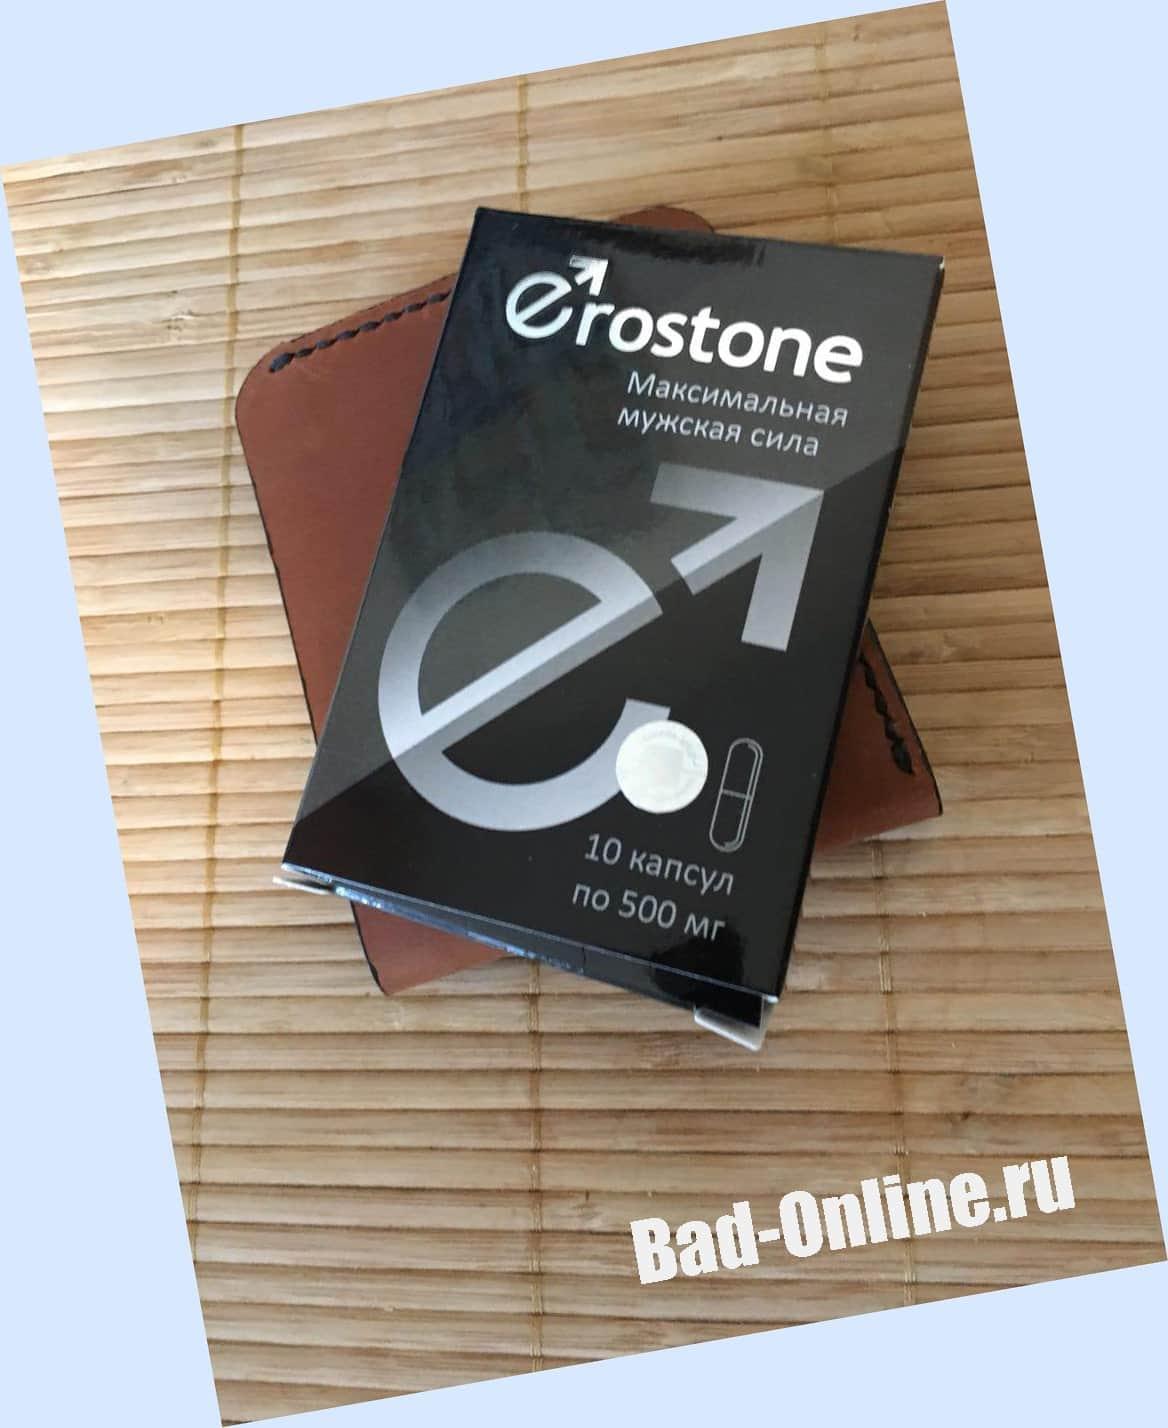 Фото оригинального средства для потенции Erostone, купленного на Bad-Online.ru